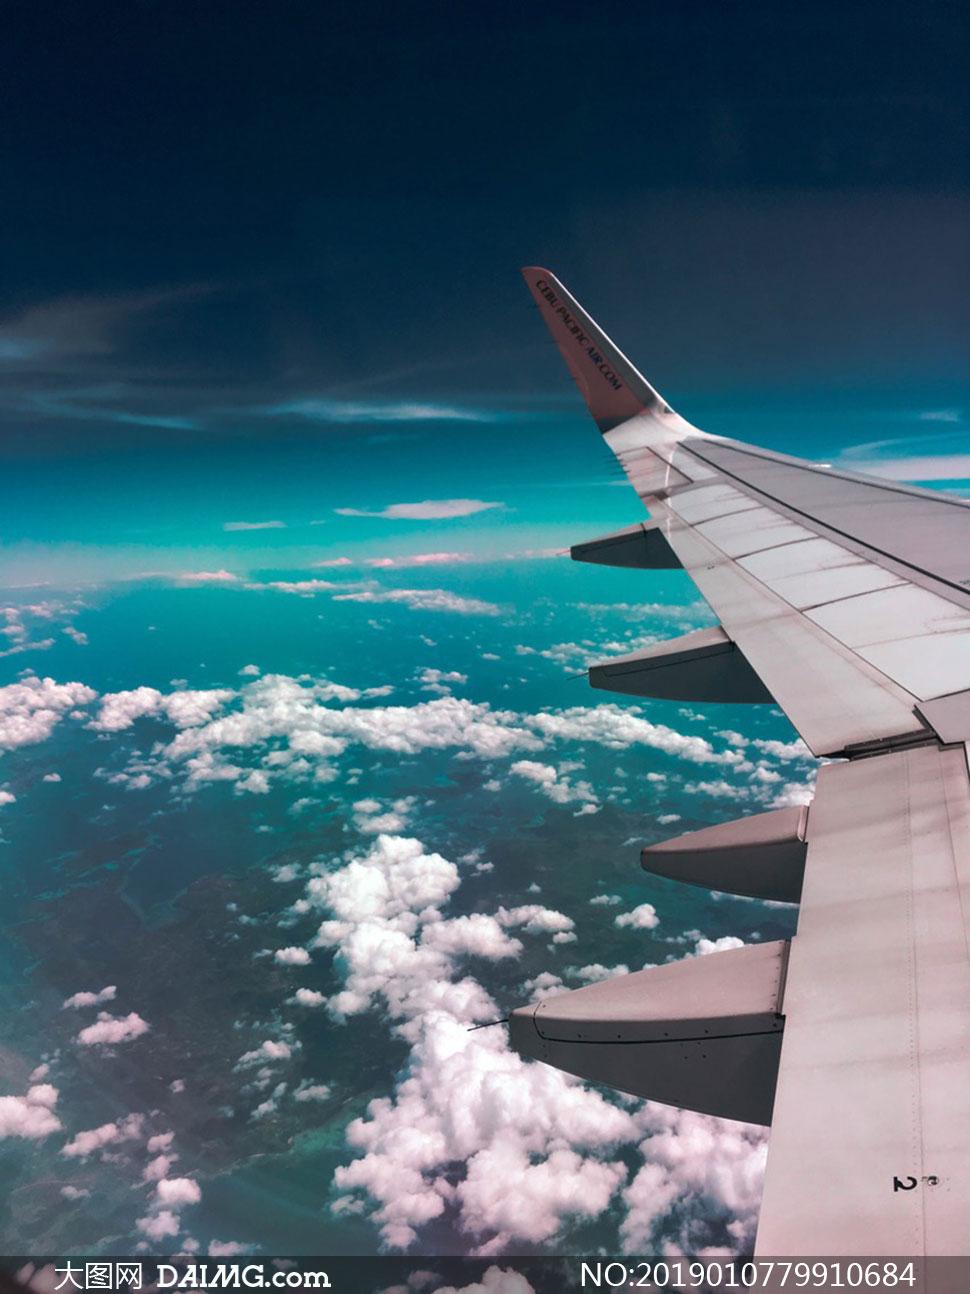 飞在云端上的飞机机翼摄影高清图片